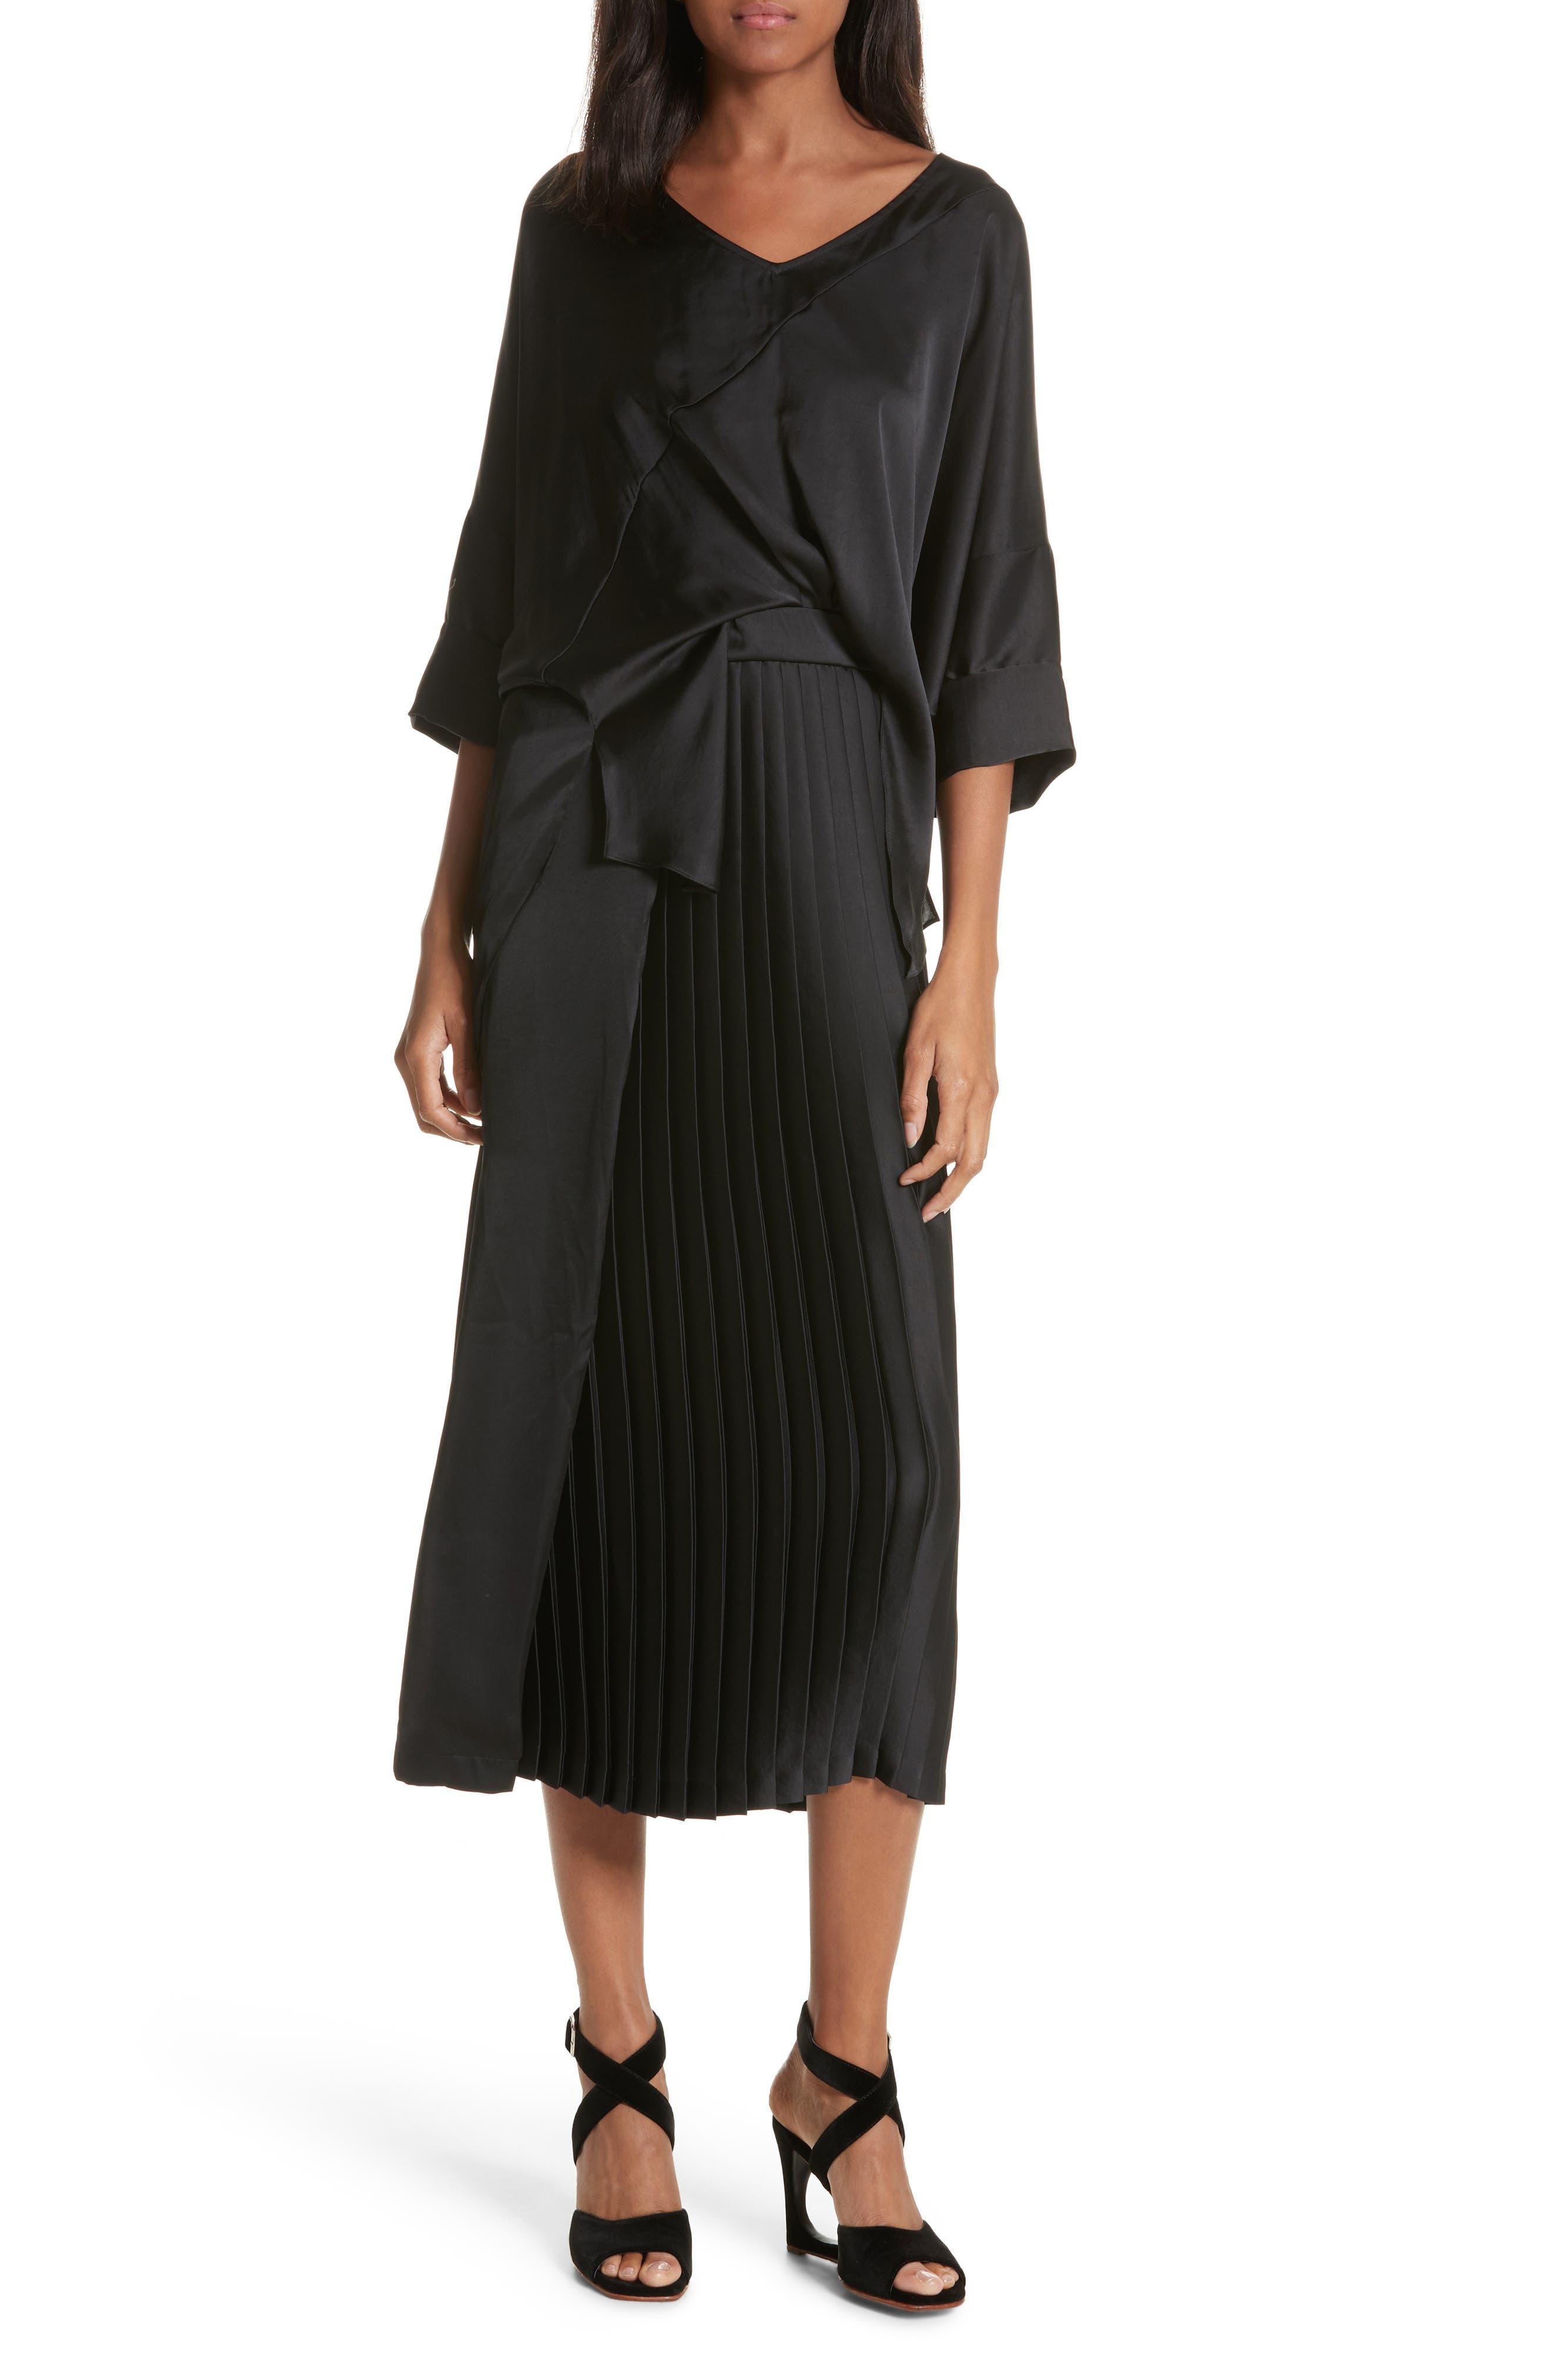 Mure Satin Midi Dress,                             Main thumbnail 1, color,                             Black